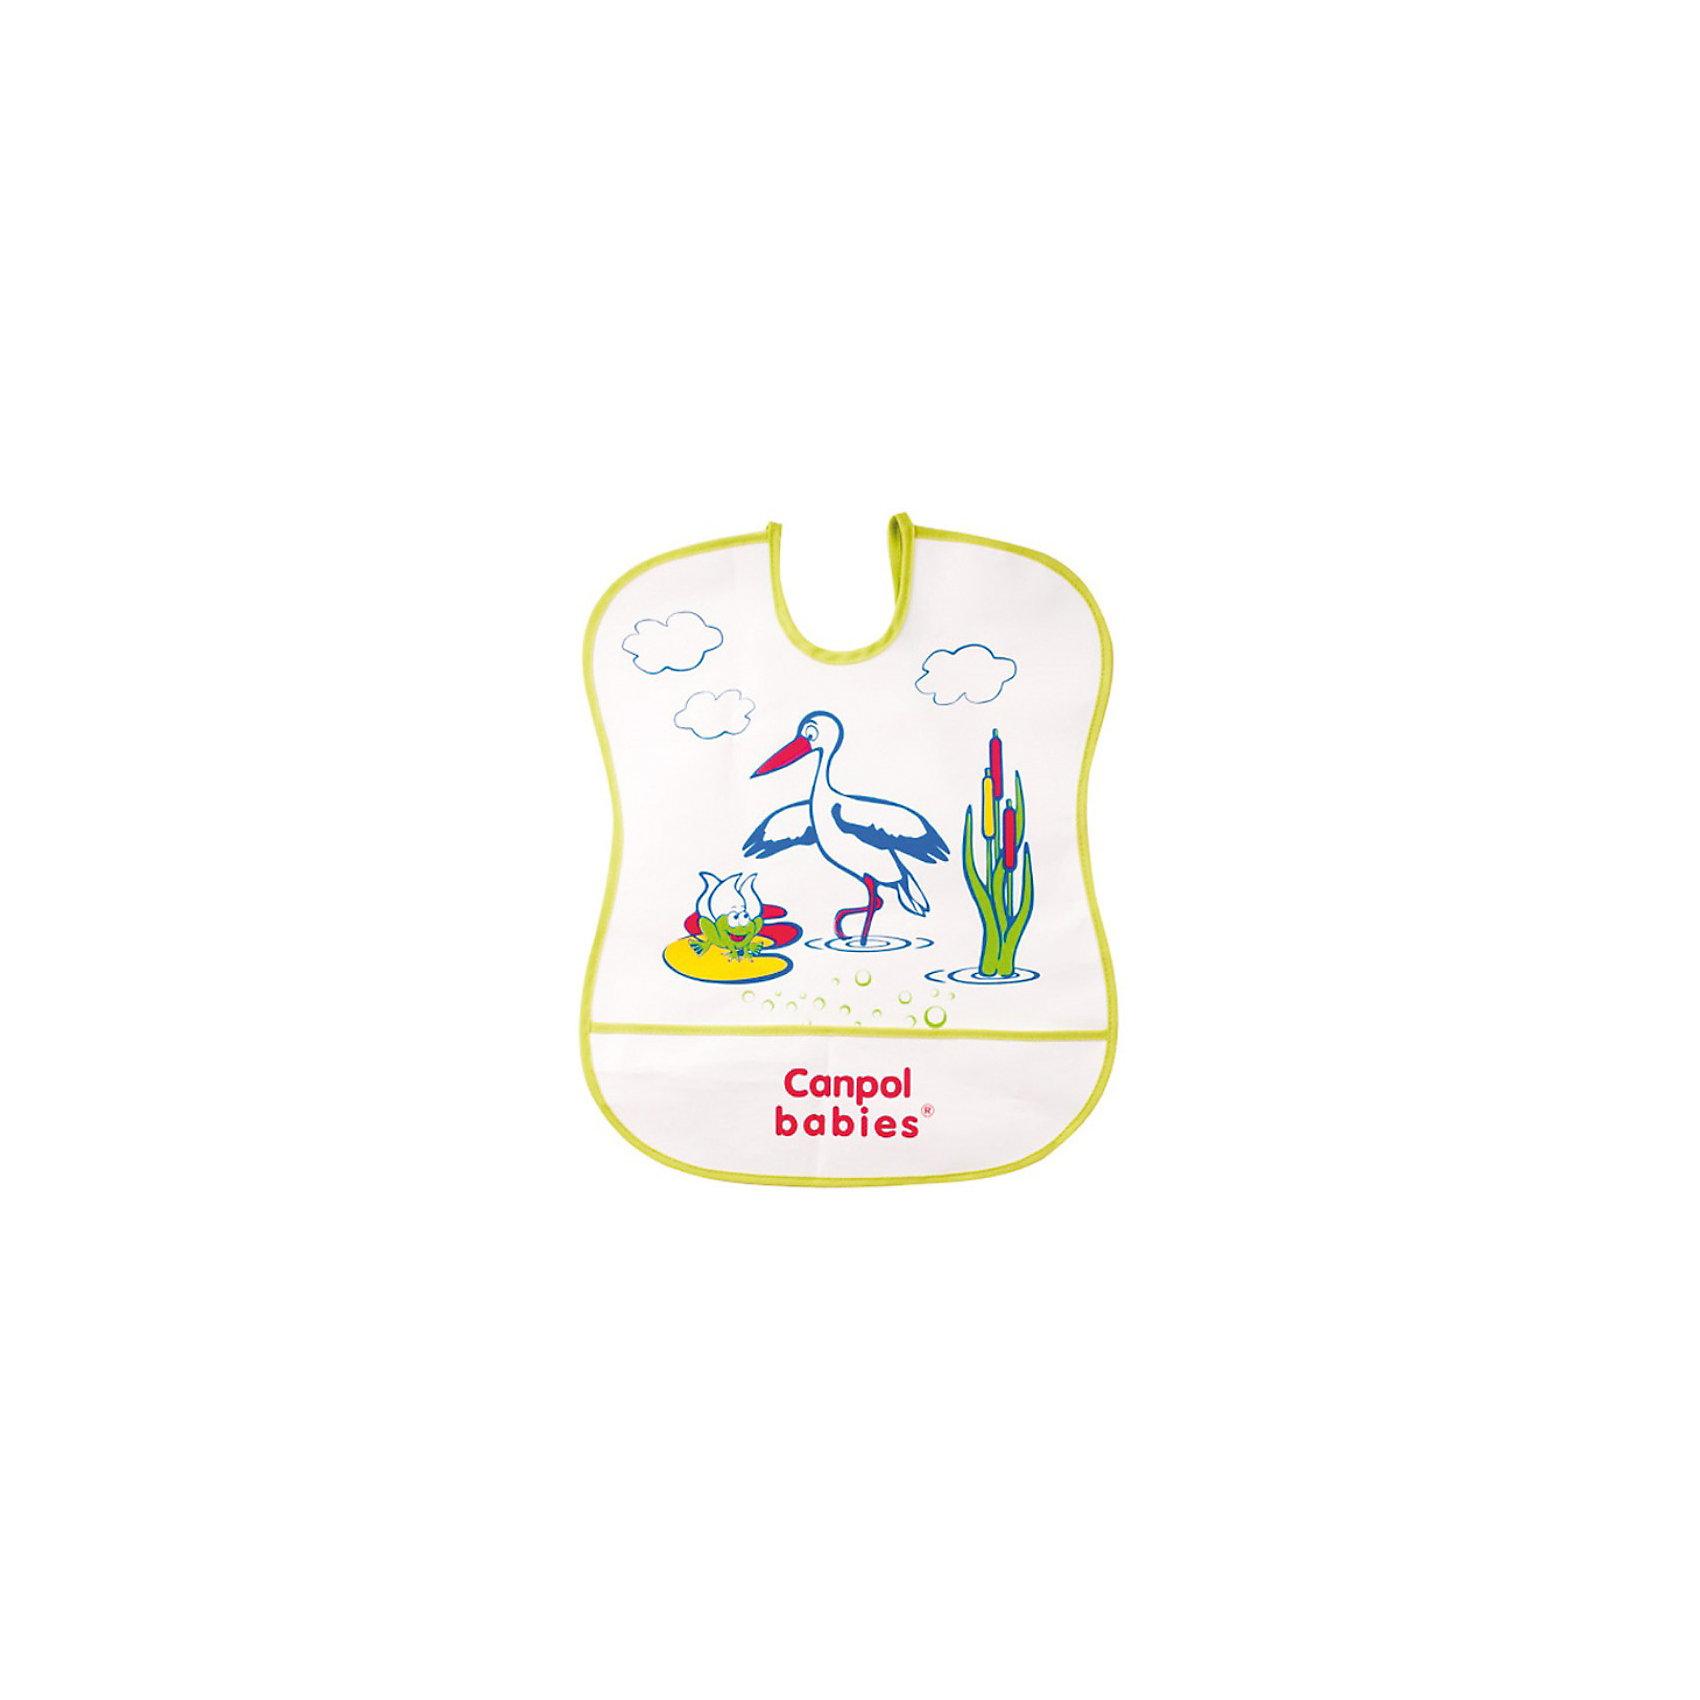 Пластмассовый мягкий нагрудник, Canpol Babies, в ассорт.Пластмассовый мягкий нагрудник от Canpol (Канпол) поможет защитить одежду ребенка во время кормления. Нагрудник изготовлен из непромокаемой пленки и украшен привлекательным для малыша изображением забавной зверюшки. Имеется карман, в который будут попадать упавшие кусочки пищи. Нагрудник легко моется горячей водой с мылом. Возможны несколько вариантов рисунка. В упаковке 1 штука.<br><br>Дополнительная информация:<br><br>- Материал: ПЭВА пленка.<br>- Размер упаковки: 35,5 х 20 х 0,3 см.<br>- Вес: 31,7 гр.<br><br>ВНИМАНИЕ! Данный артикул имеется в наличии в разных вариантах исполнения. Заранее выбрать определенный вариант нельзя. При заказе нескольких нагрудников возможно получение одинаковых.<br><br>Пластмассовый мягкий нагрудник, Canpol (Канпол) можно купить в нашем интернет-магазине.<br><br>Ширина мм: 355<br>Глубина мм: 200<br>Высота мм: 3<br>Вес г: 31<br>Возраст от месяцев: 0<br>Возраст до месяцев: 36<br>Пол: Унисекс<br>Возраст: Детский<br>SKU: 3726290